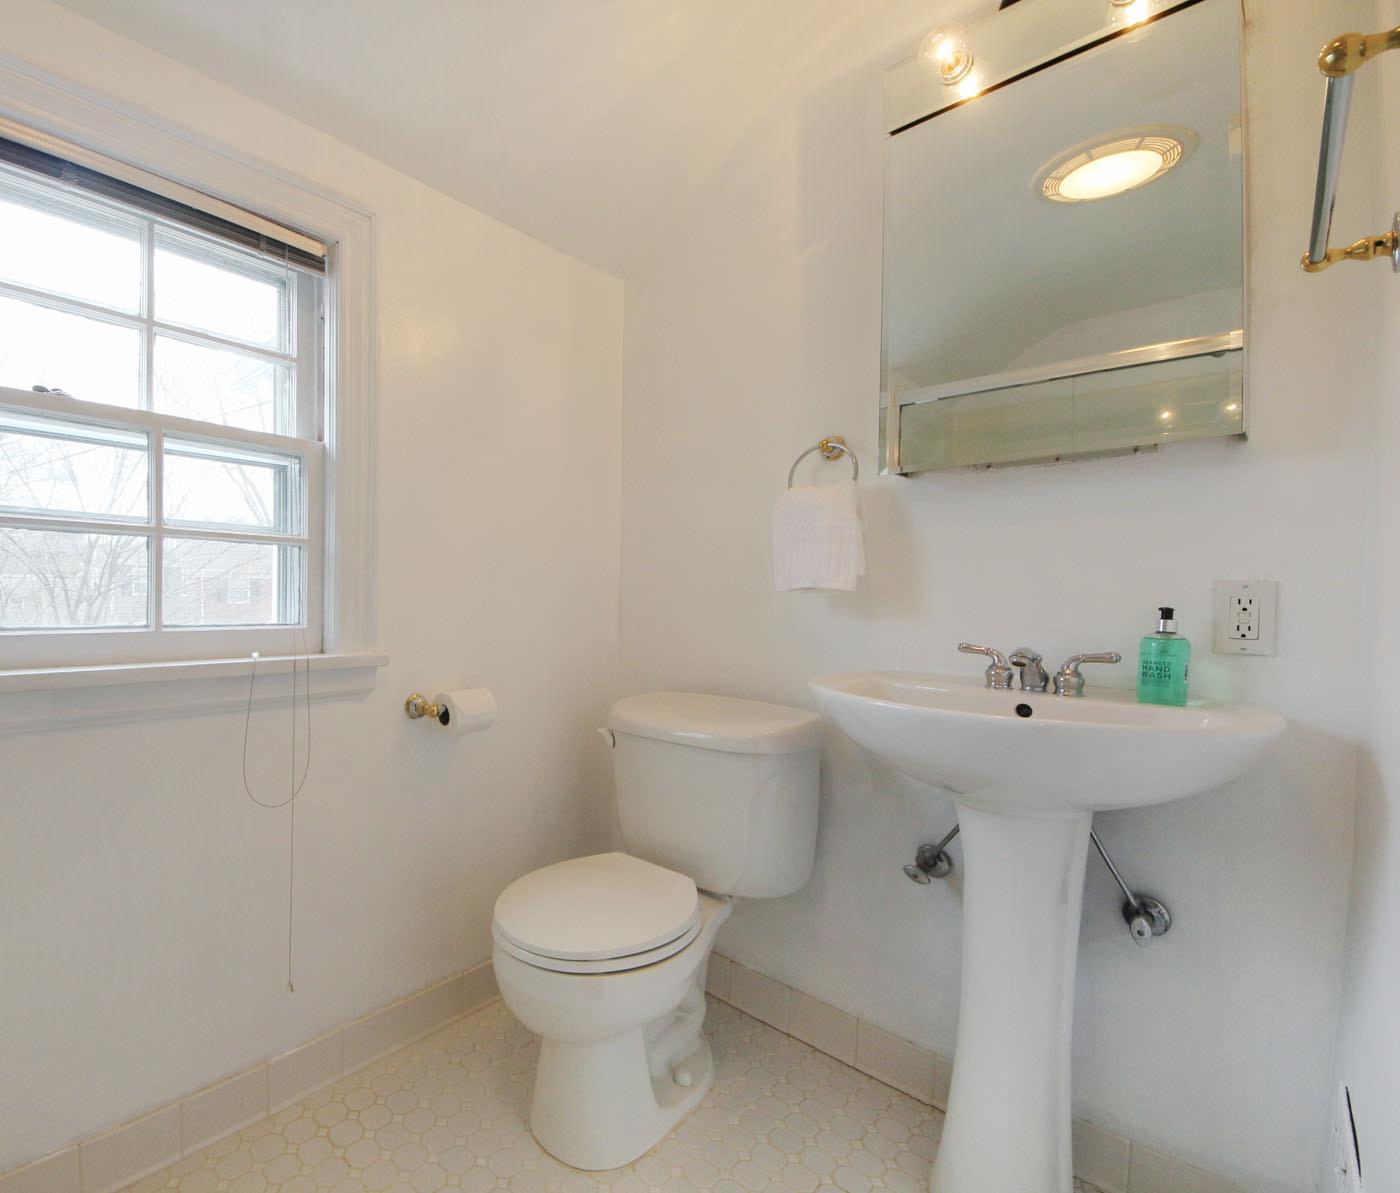 17 Claremont Drive Short Hills Nj 07078 Sold Over List